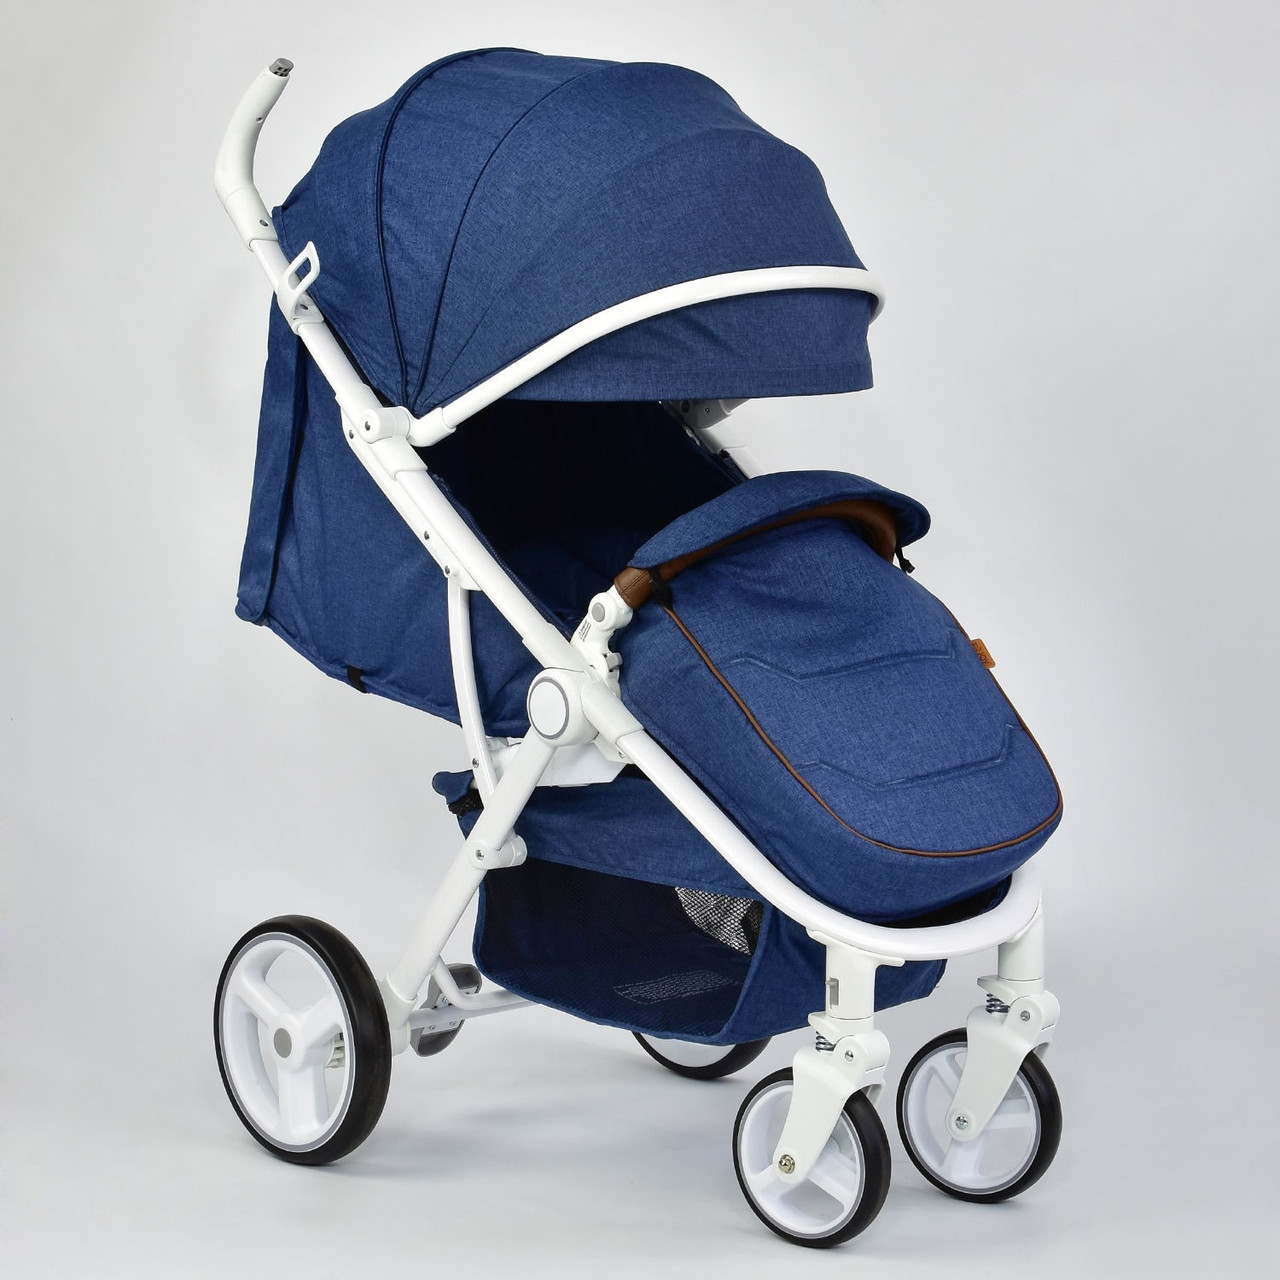 Всесезонная коляска прогулка для детей JOY 6881 цвет NAVI, с чехлом на ножки, дождевиком и большим капюшоном